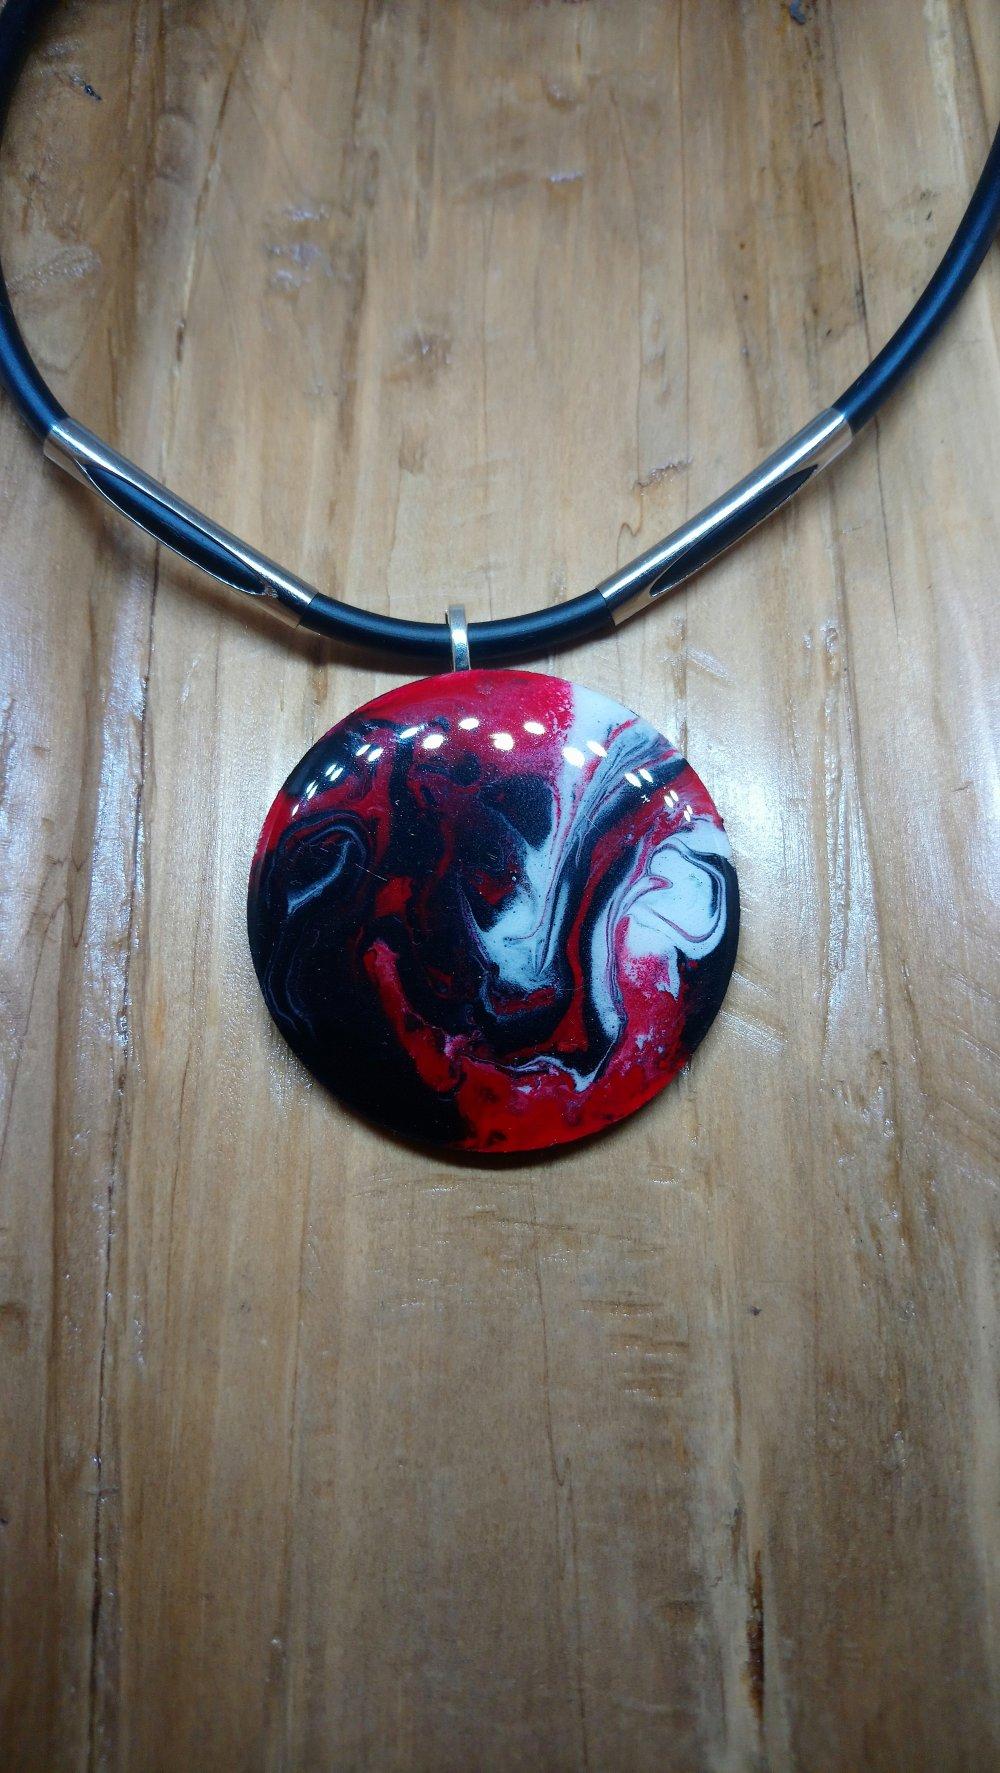 collier ras du cou pendentif coeur rouge et noir fait main